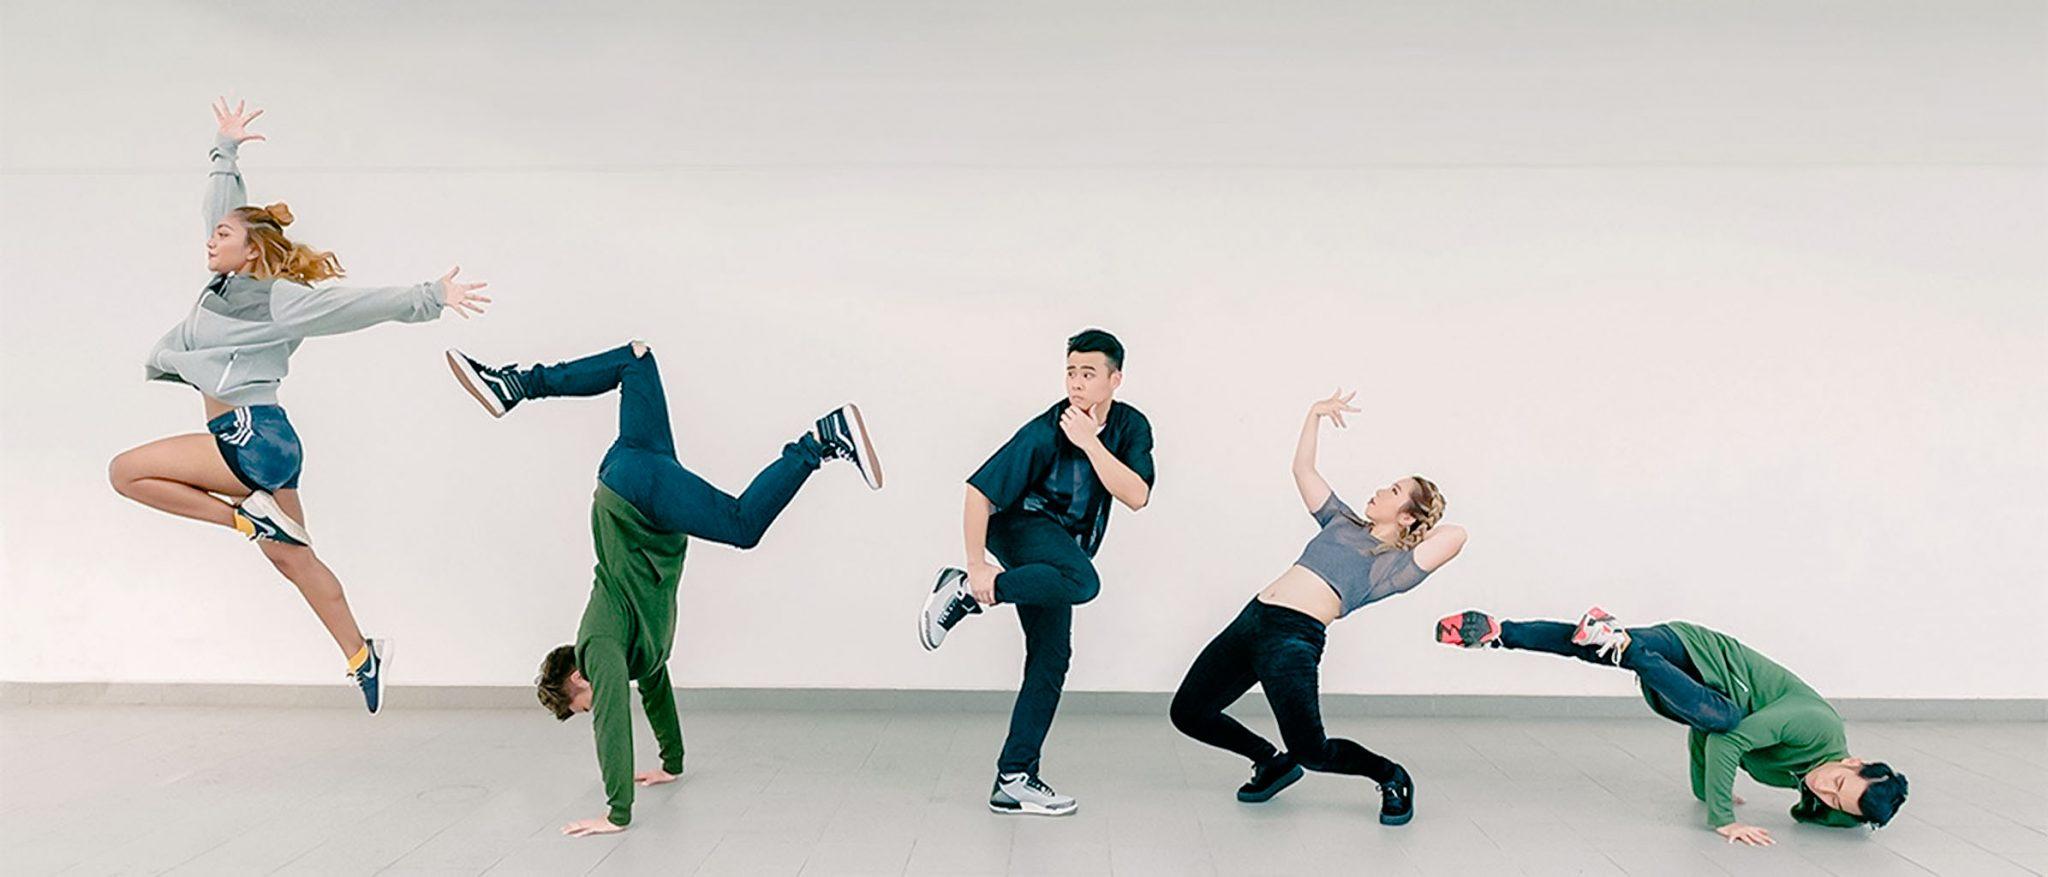 [Review] Top 10 khóa học nhảy hiện đại cơ bản online: Zumba, Shuffle dance, Sexy dance … dành cho người mới bắt đầu